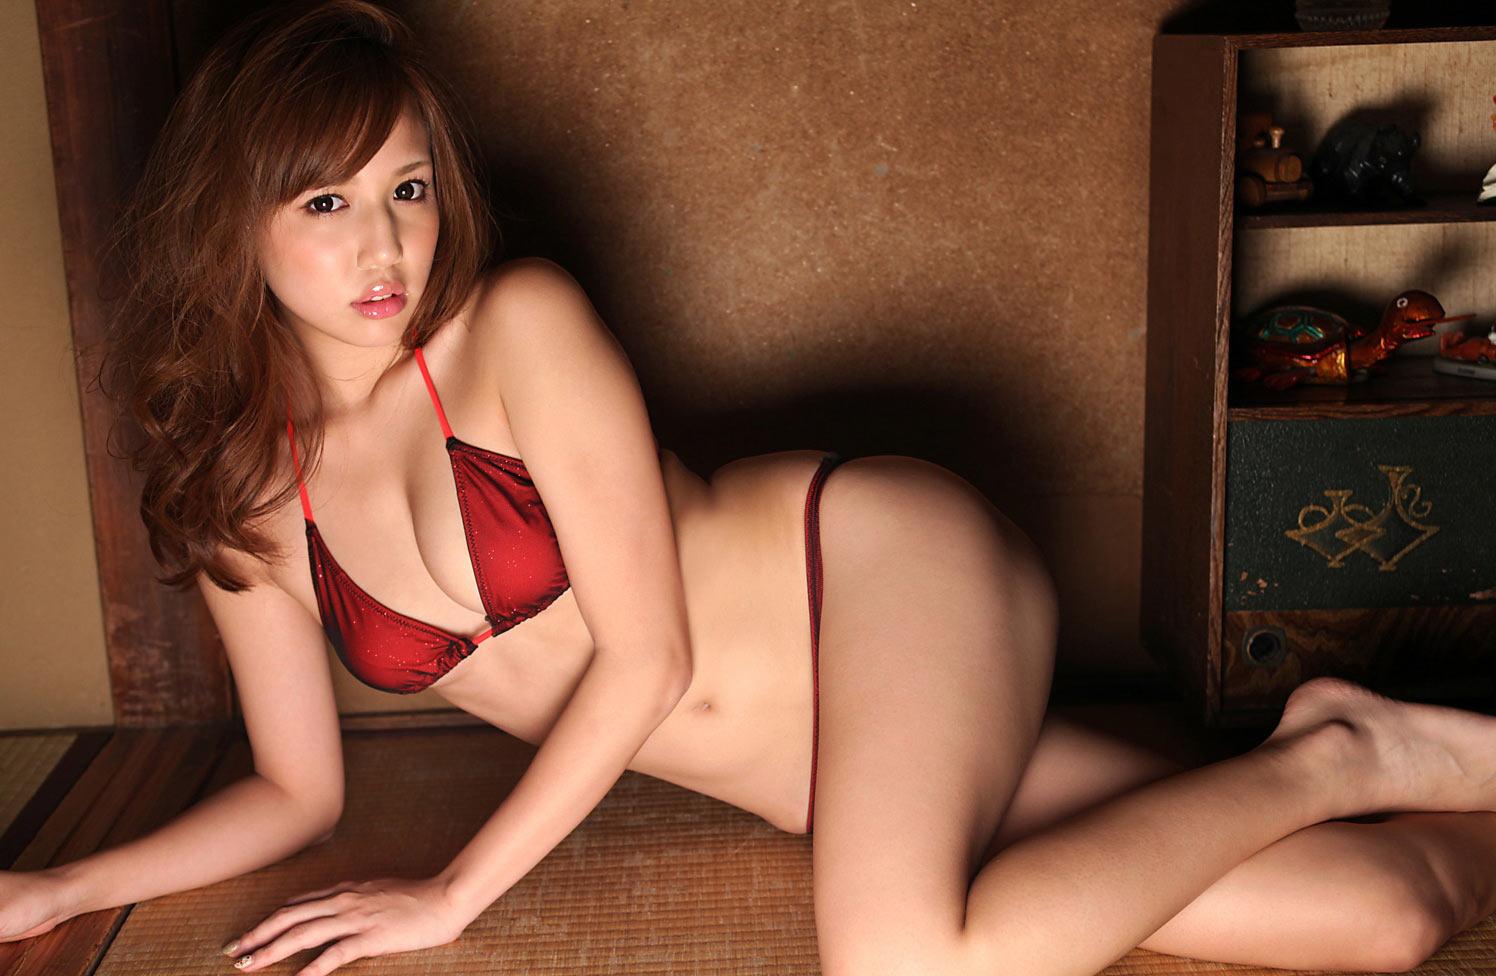 人気巨乳グラドル丸高愛実(21)のお宝セミヌード画像画像7